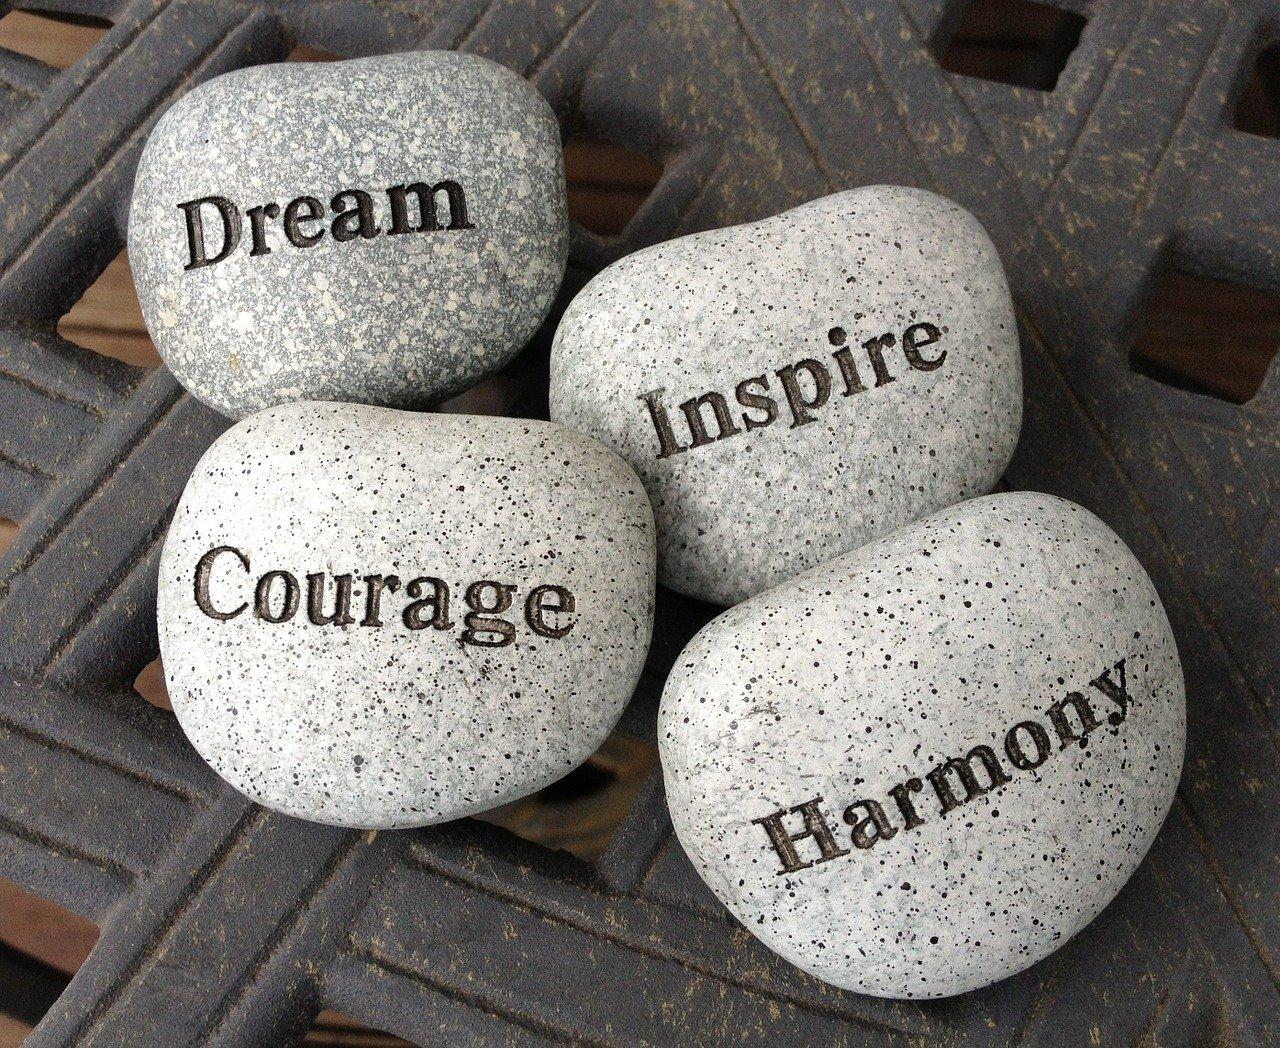 Dream, courage, inspire, harmony written on stones